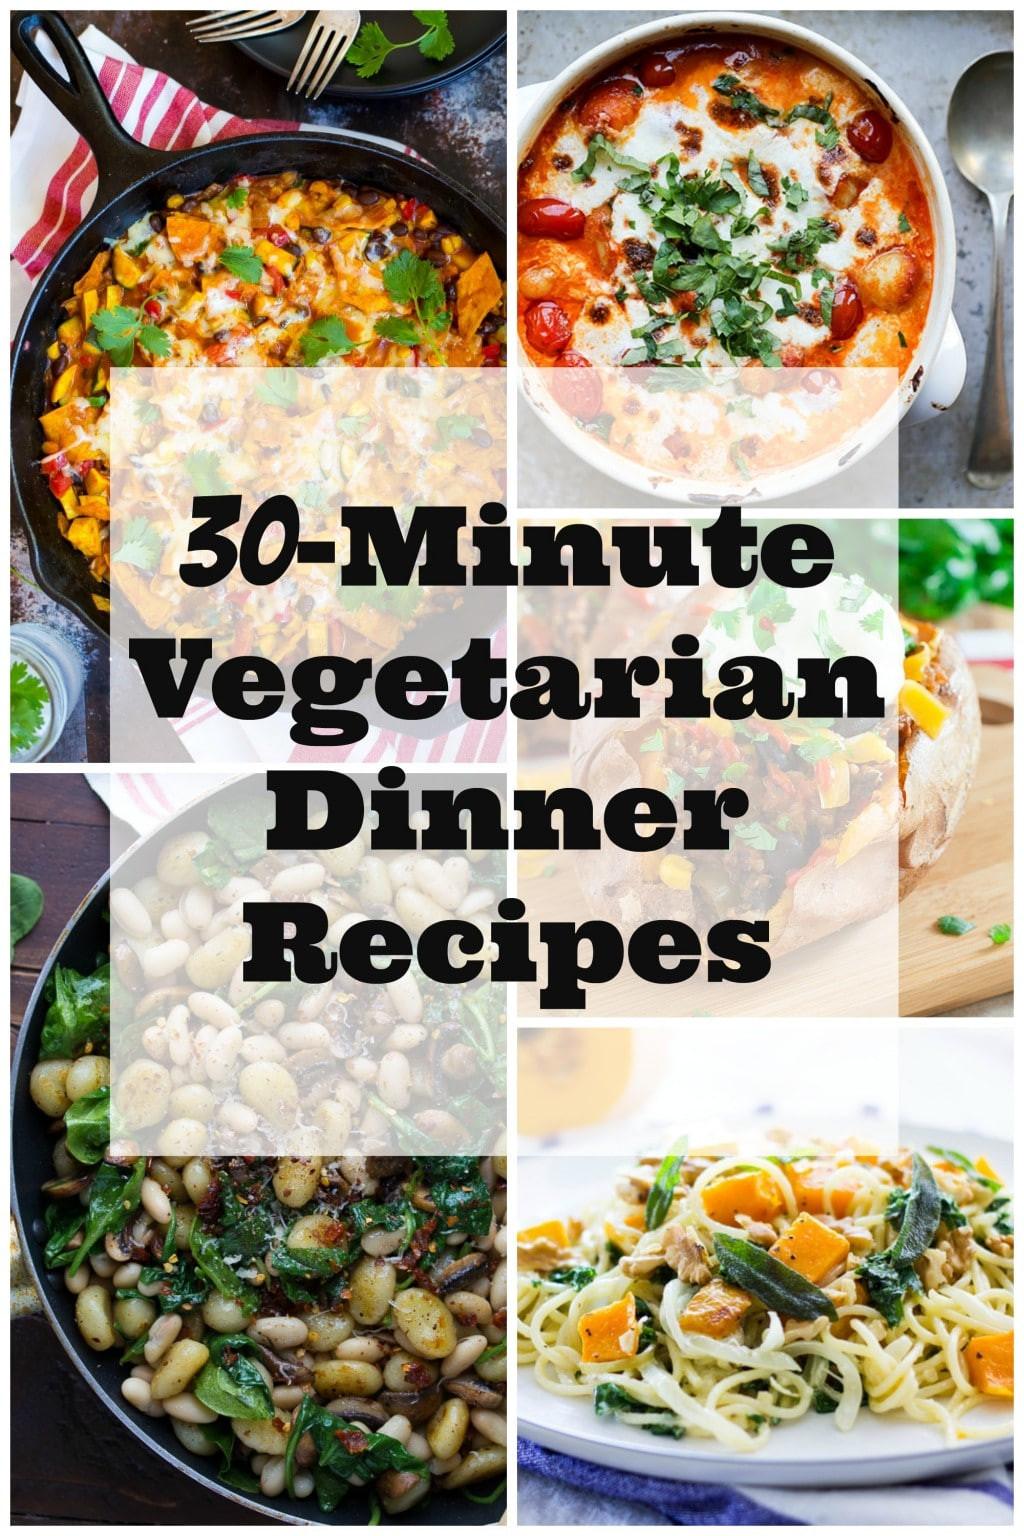 Veggie Dinner Recipes  30 Minute Ve arian Dinner Recipes She Likes Food